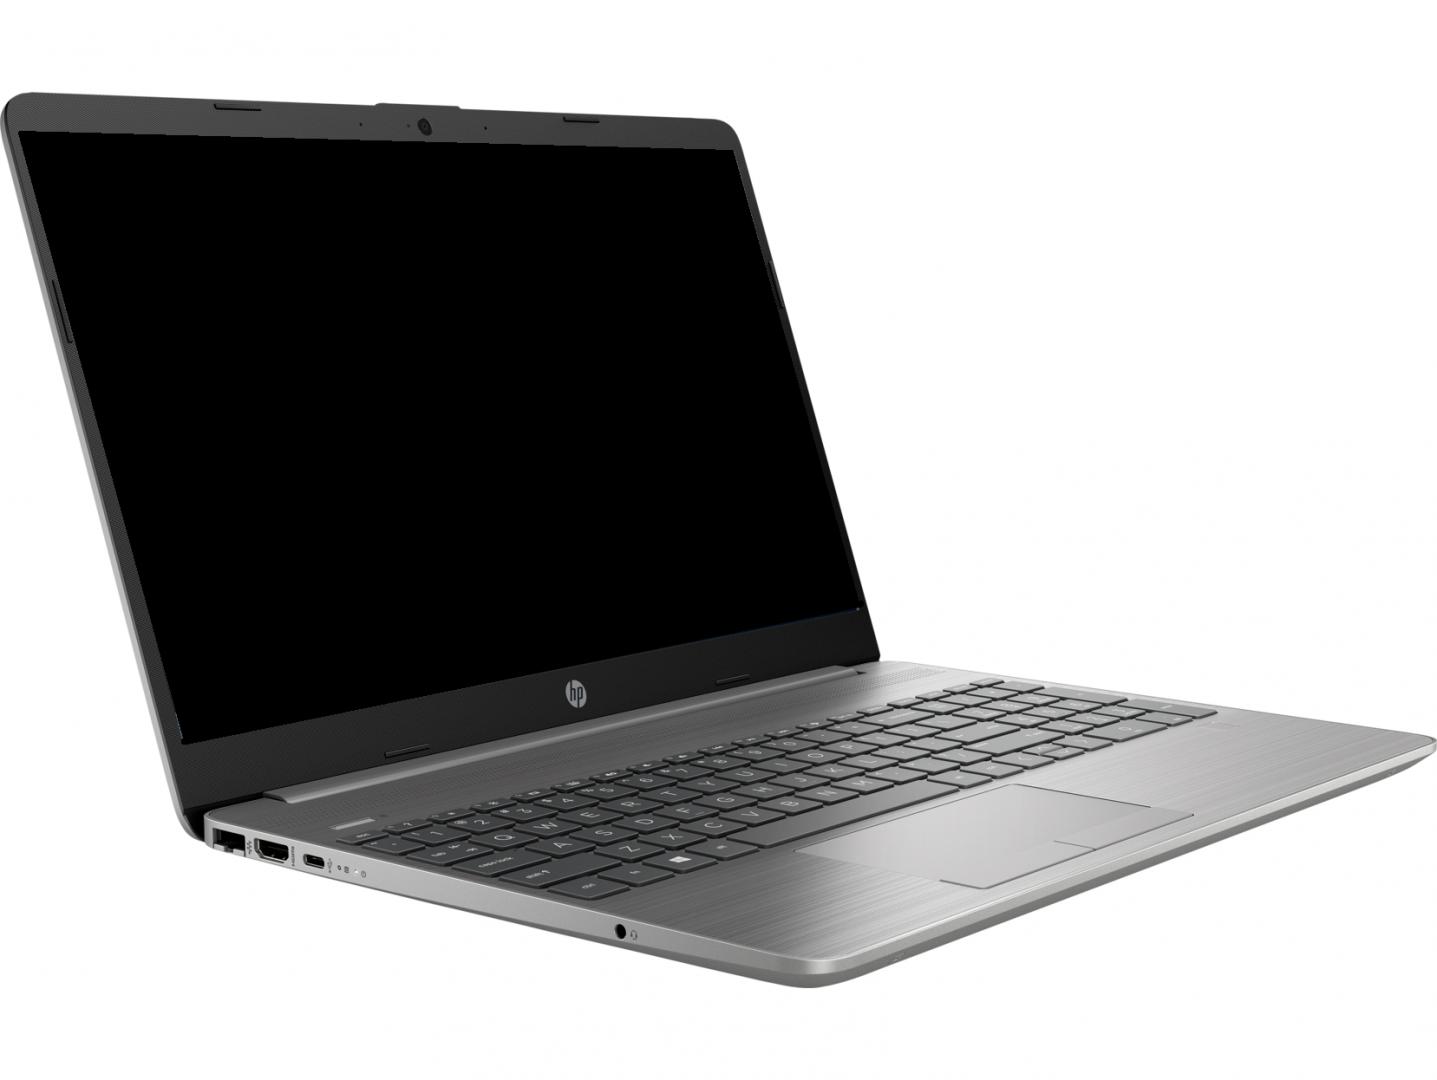 """NOTEBOOK HP 250G8 15.6"""" HD i3-1005G1 4GB 256GB UMA DOS - imaginea 2"""